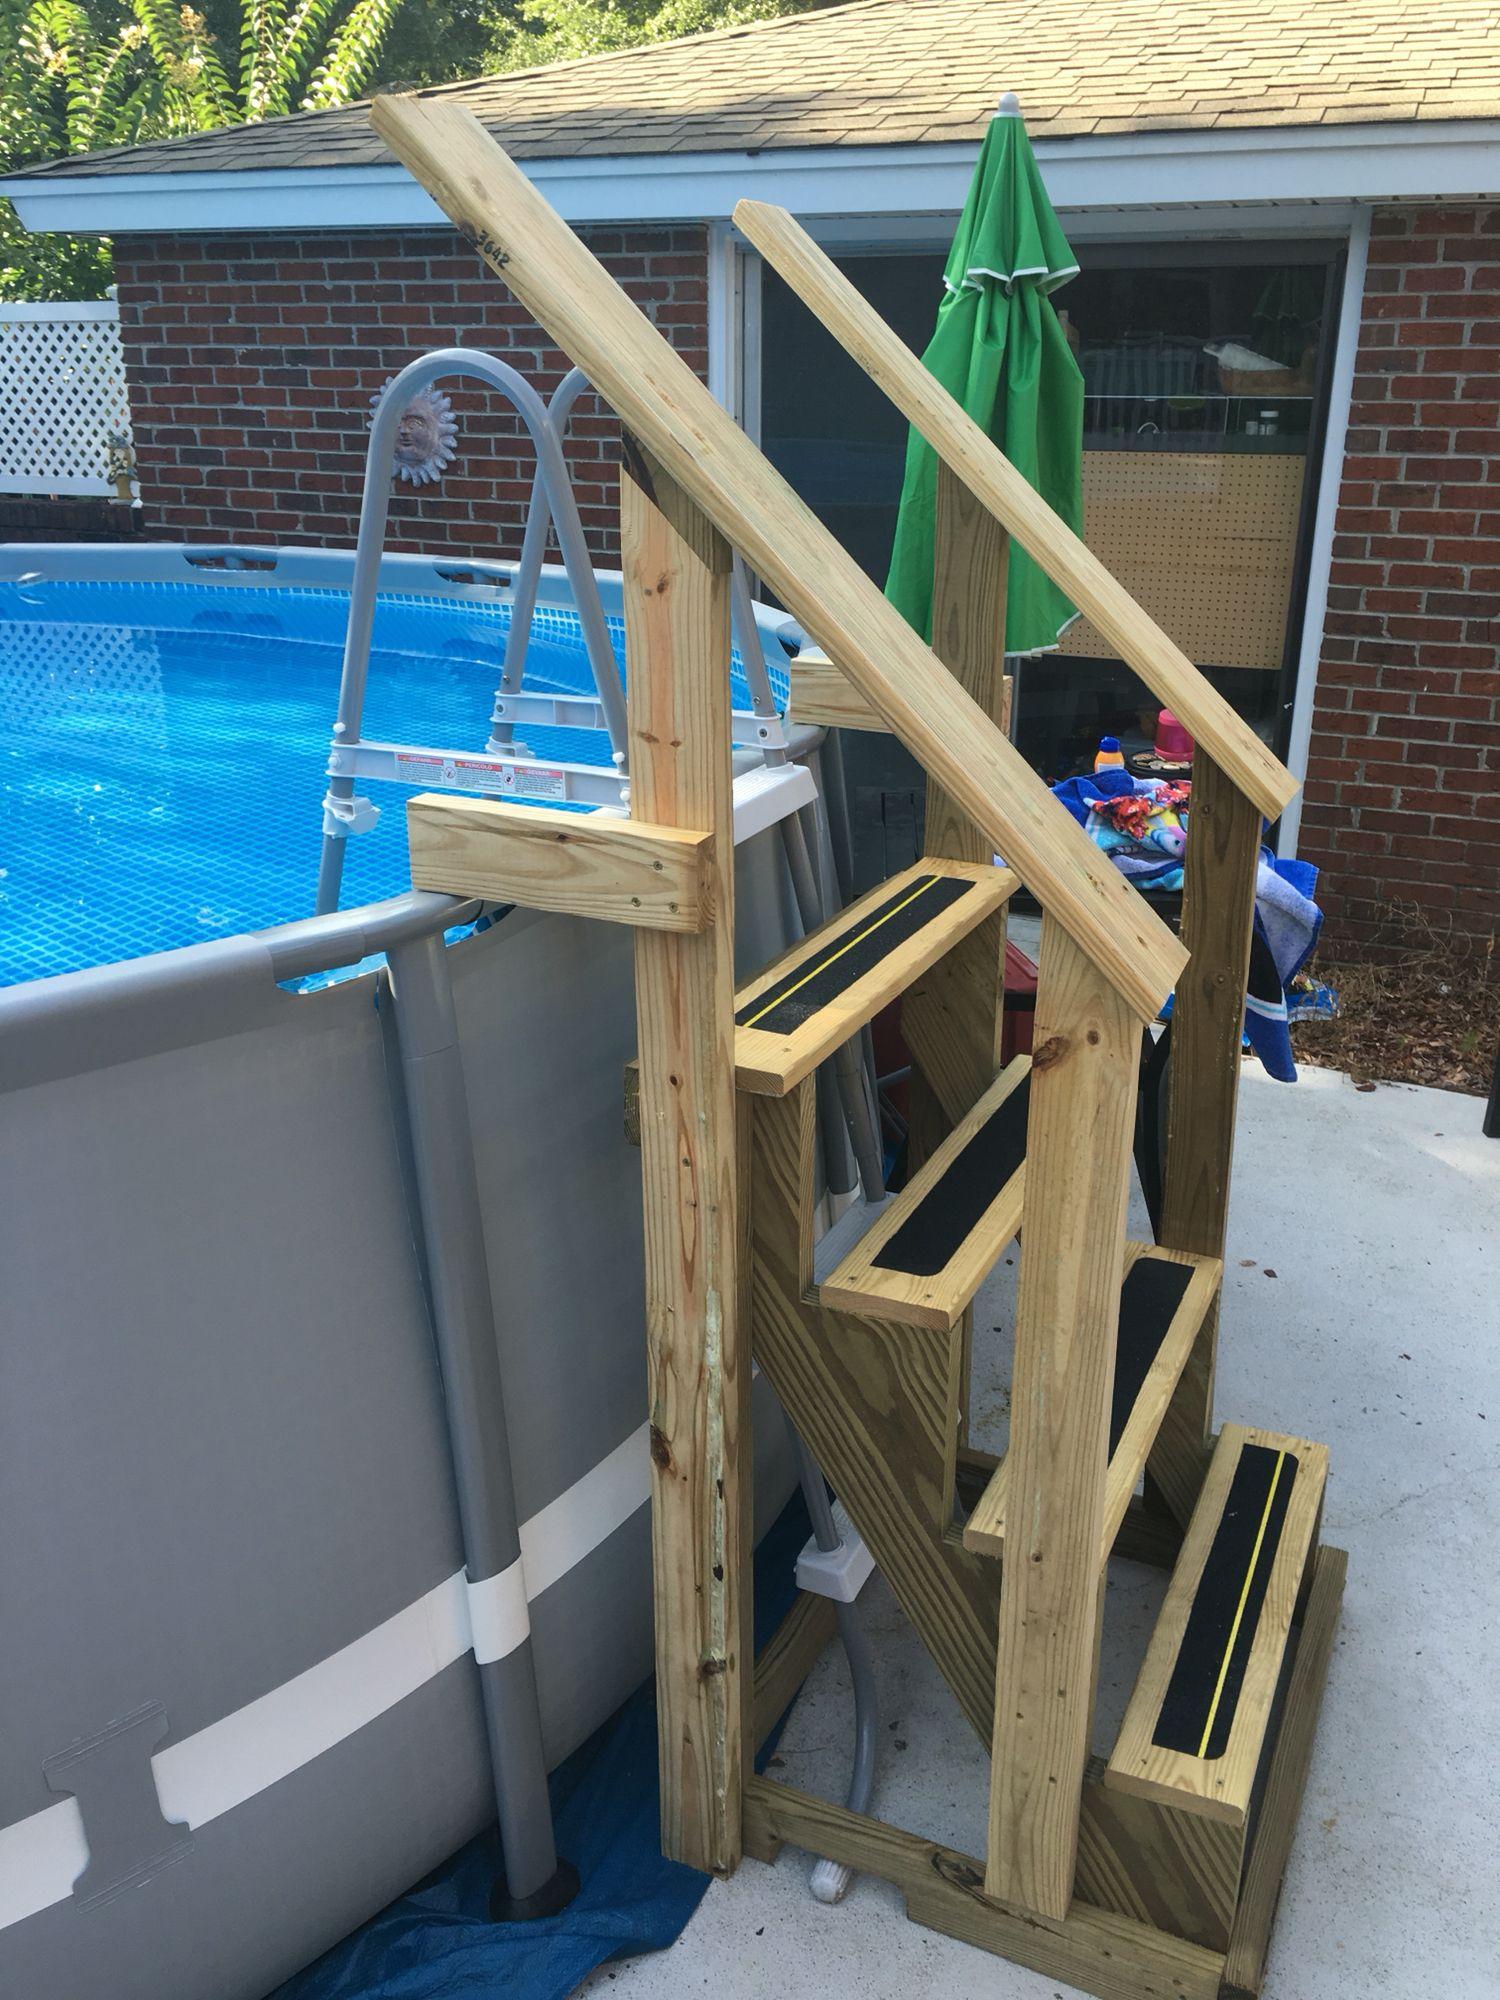 New Above Ground Pool Ladder. | Bricolage | Piscine Intex ... concernant Echelle Piscine Intex